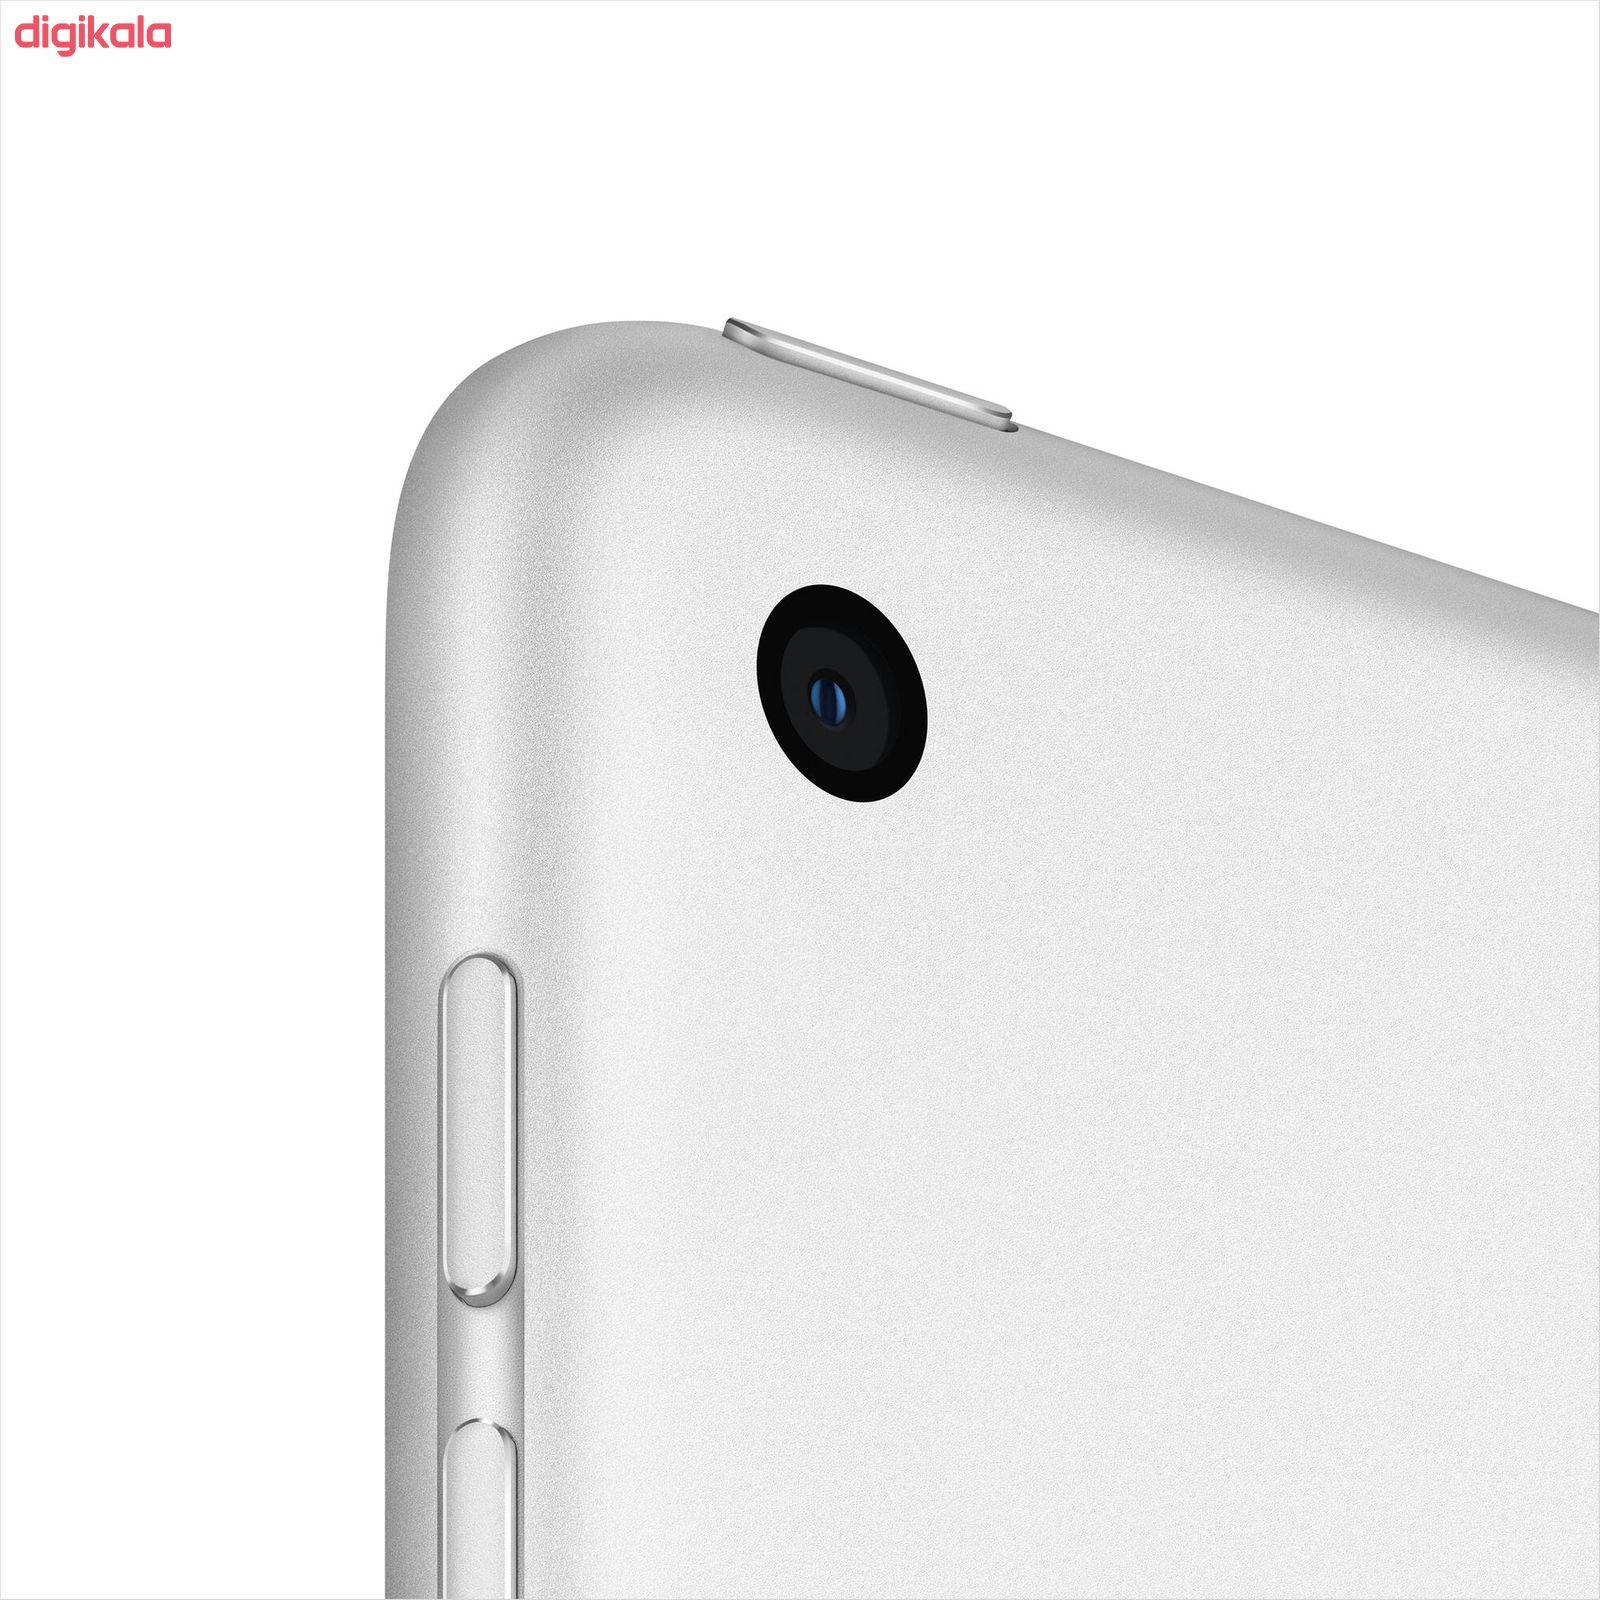 تبلت اپل مدل iPad 10.2 inch 2020 WiFi ظرفیت 128 گیگابایت  main 1 8